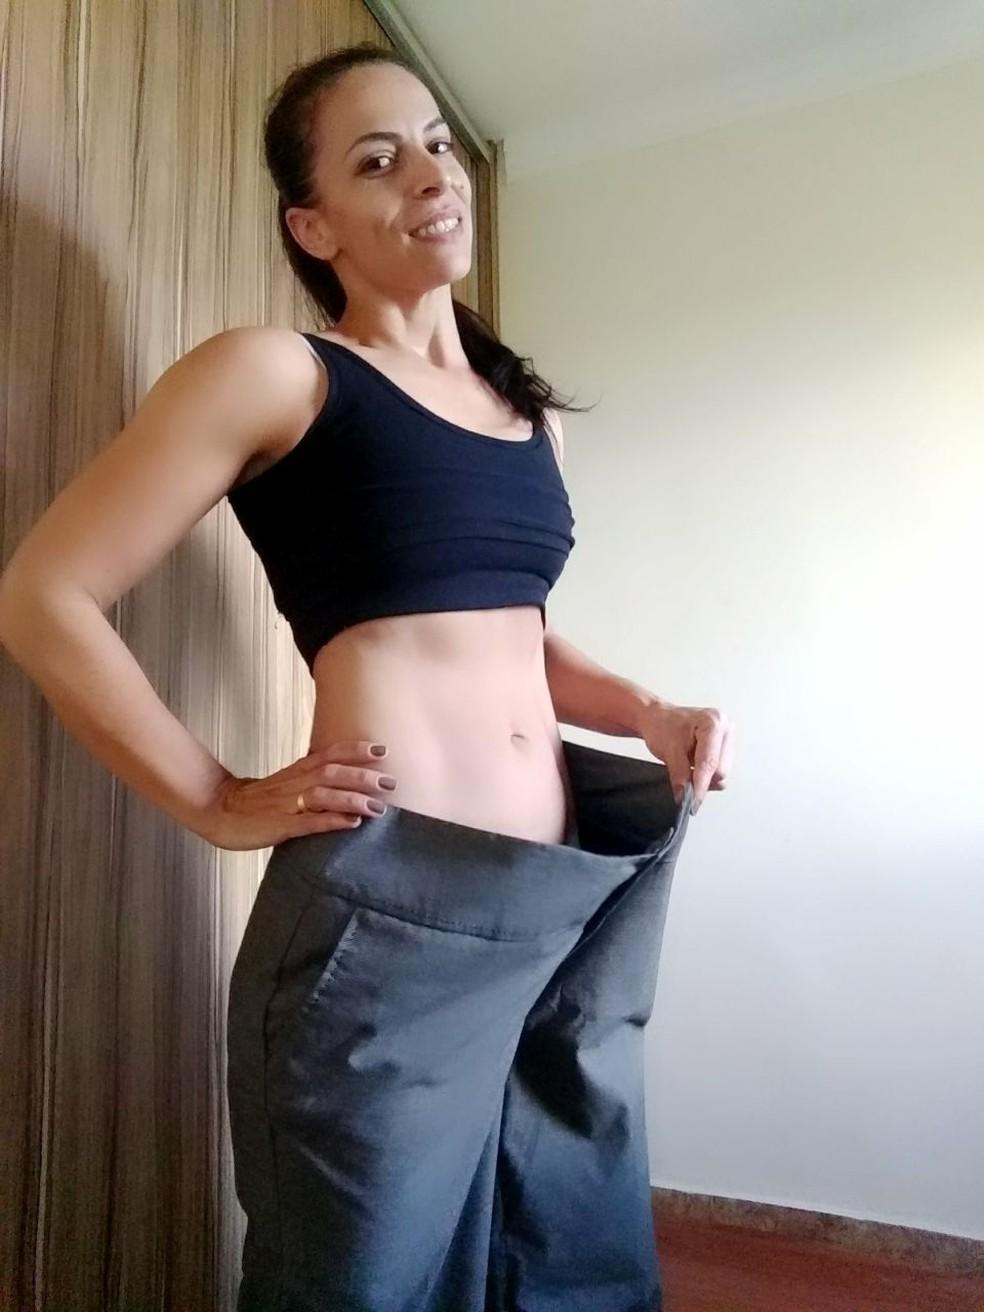 Paula Edo guarda uma calça para relembrar a luta pela perda de peso; ela trocou o número 52 pelo 40 (Foto: Arquivo pessoal)